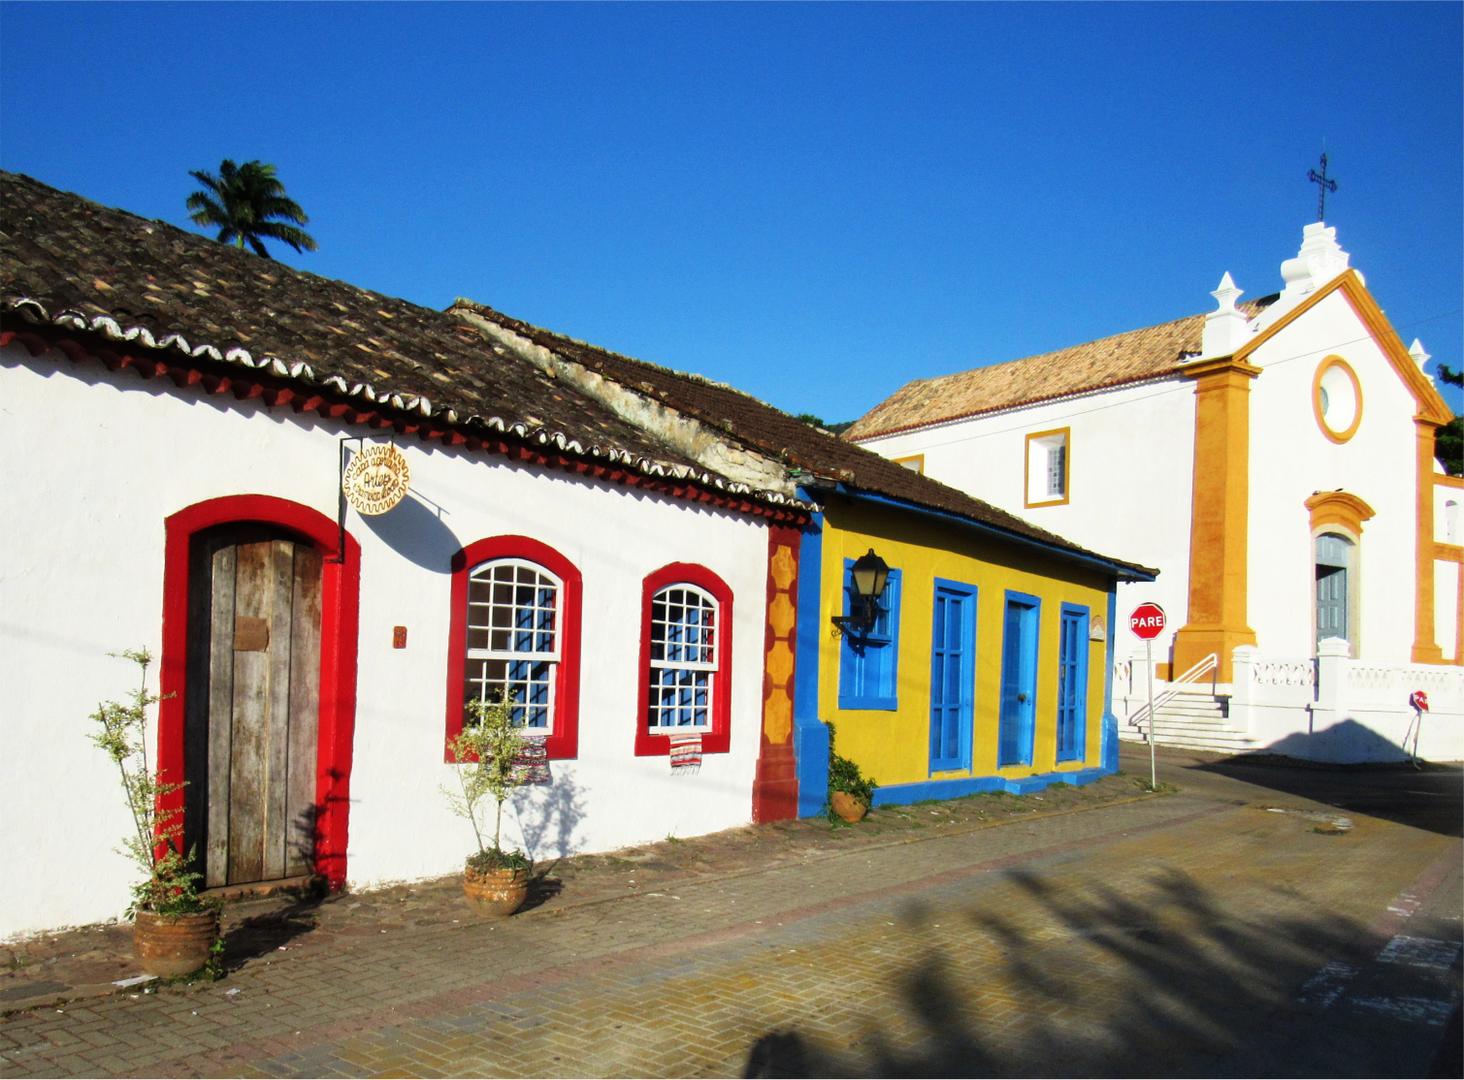 Centro histórico de Florianópolis - Pousada Casa da Lagoa